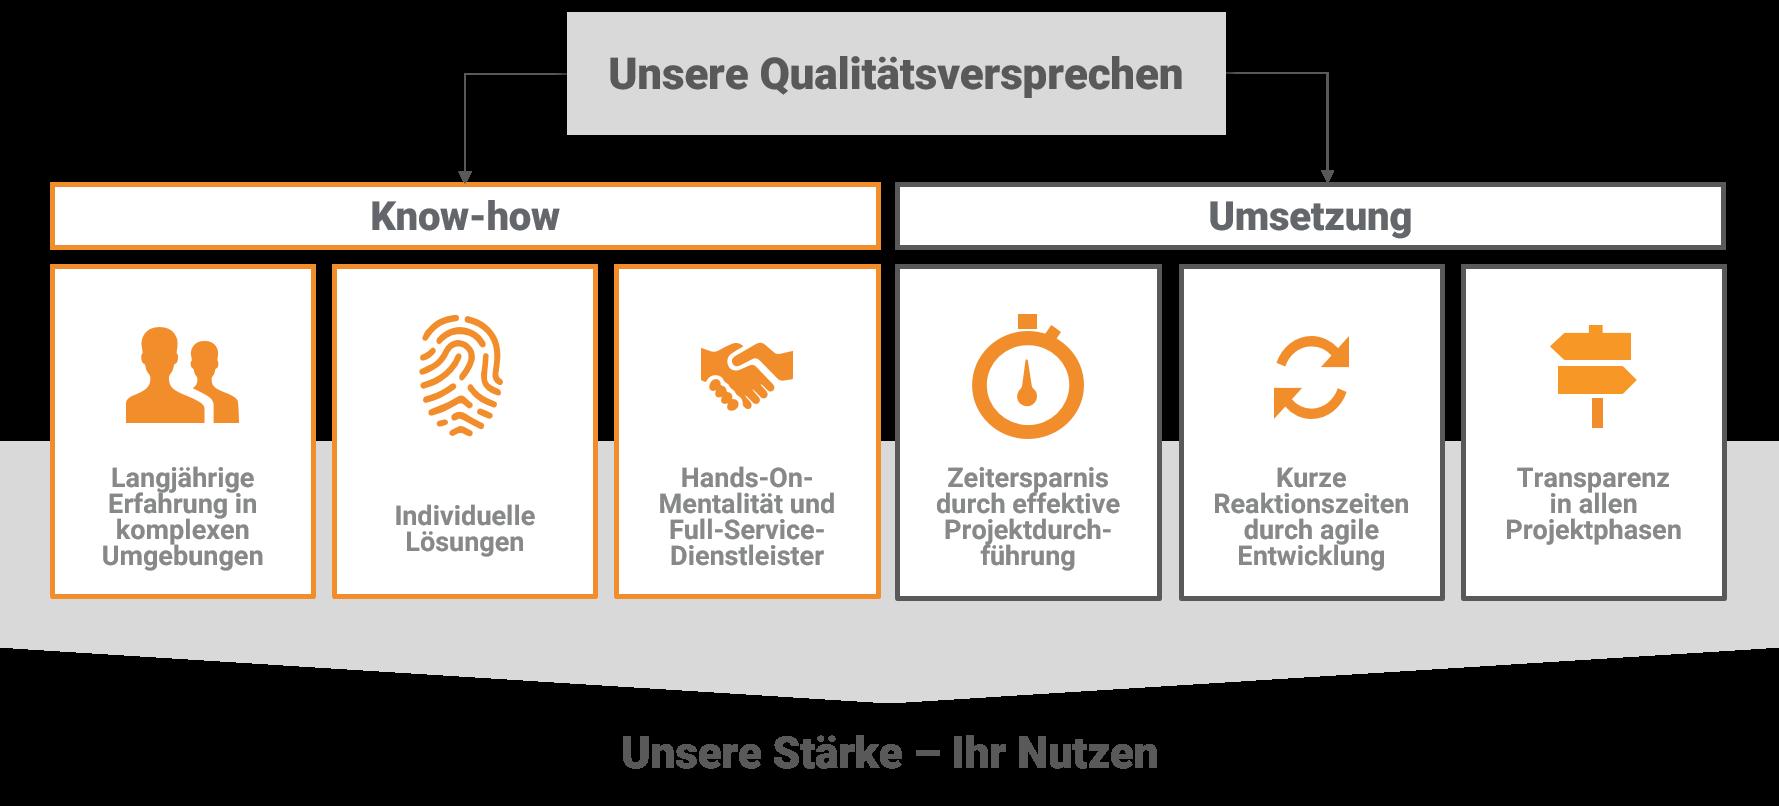 USPs_Loesch_und_Partner_GmbH_Projektmanagement_und_IT_Consulting_Muenchen_2020